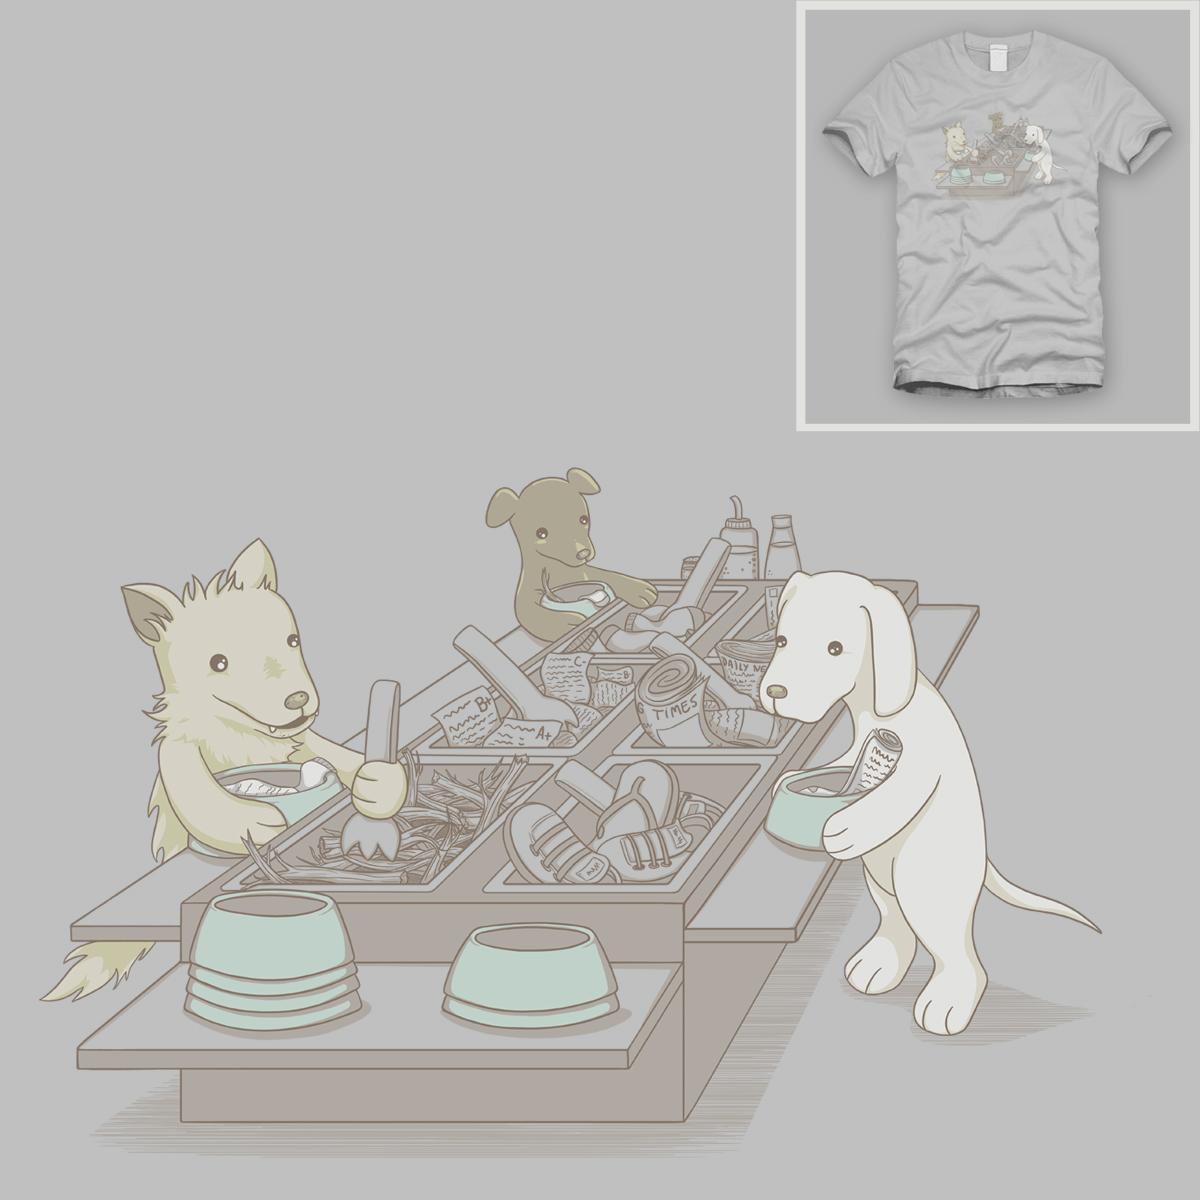 Dog Buffet by spookylili on Threadless